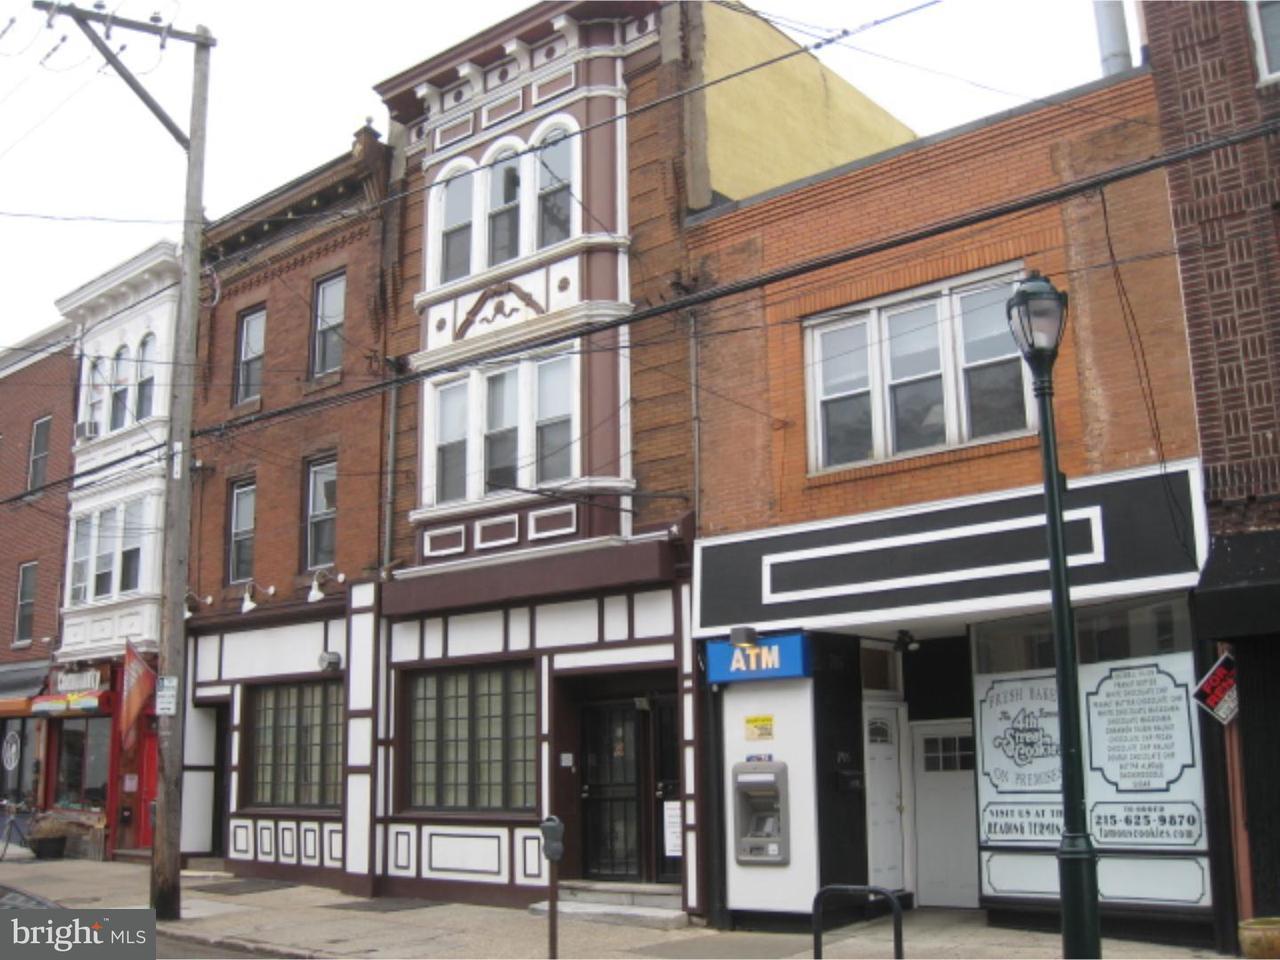 Μονοκατοικία για την Πώληση στο 704-710 S 4TH Street Philadelphia, Πενσιλβανια 19147 Ηνωμενεσ Πολιτειεσ